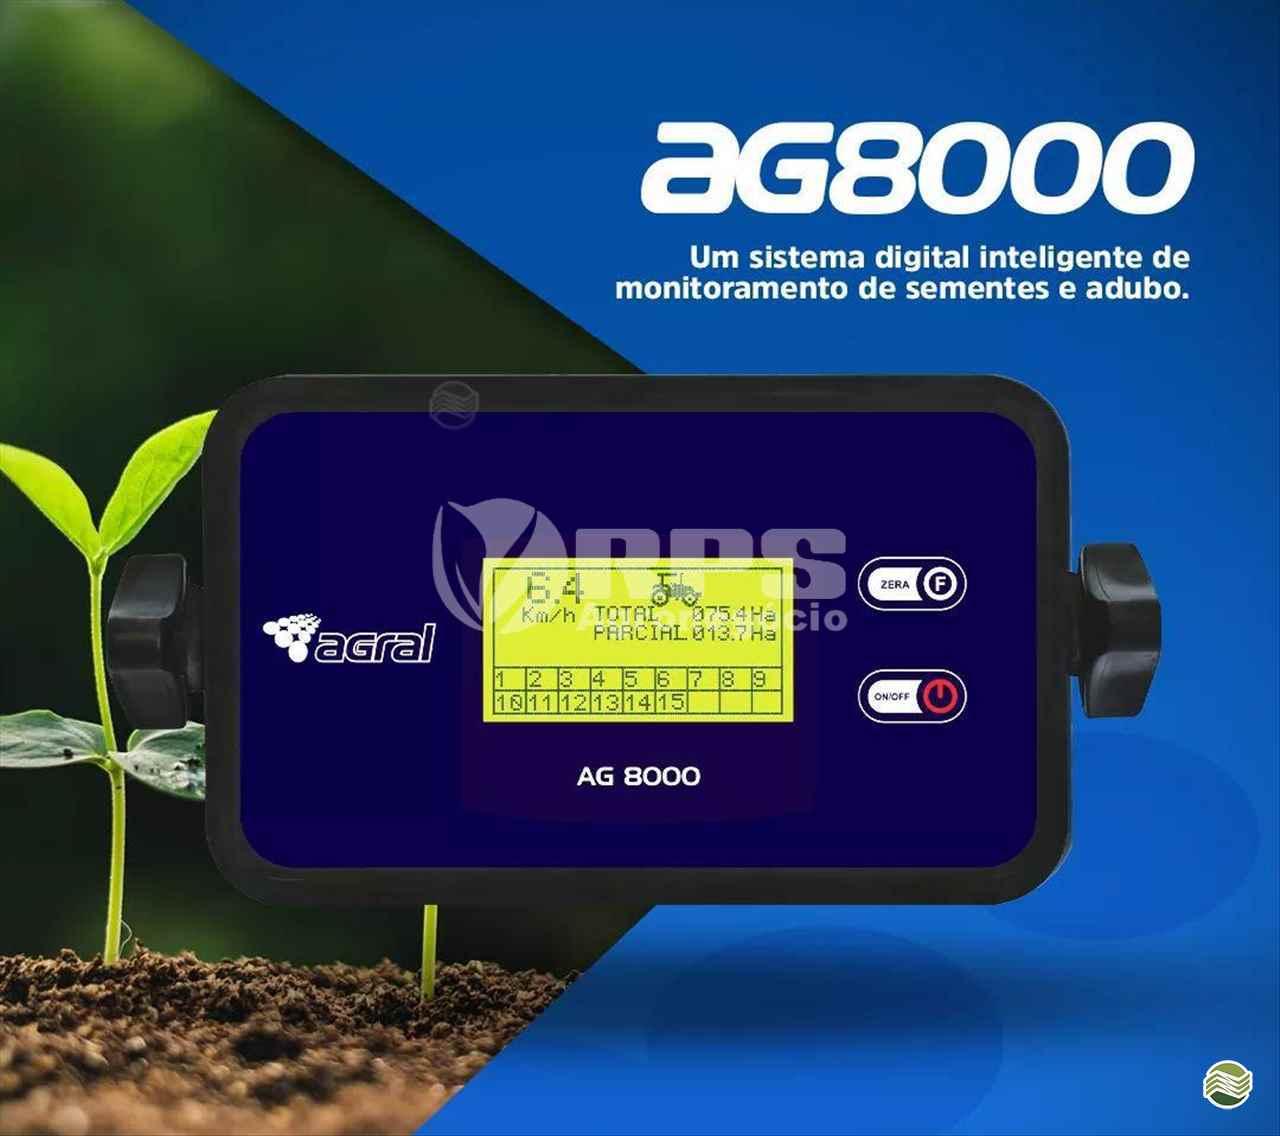 EQUIPAMENTOS AGRICULTURA DE PRECISÃO AGRAL AG 8000 RPS Agronegócios CARAMBEI PARANÁ PR